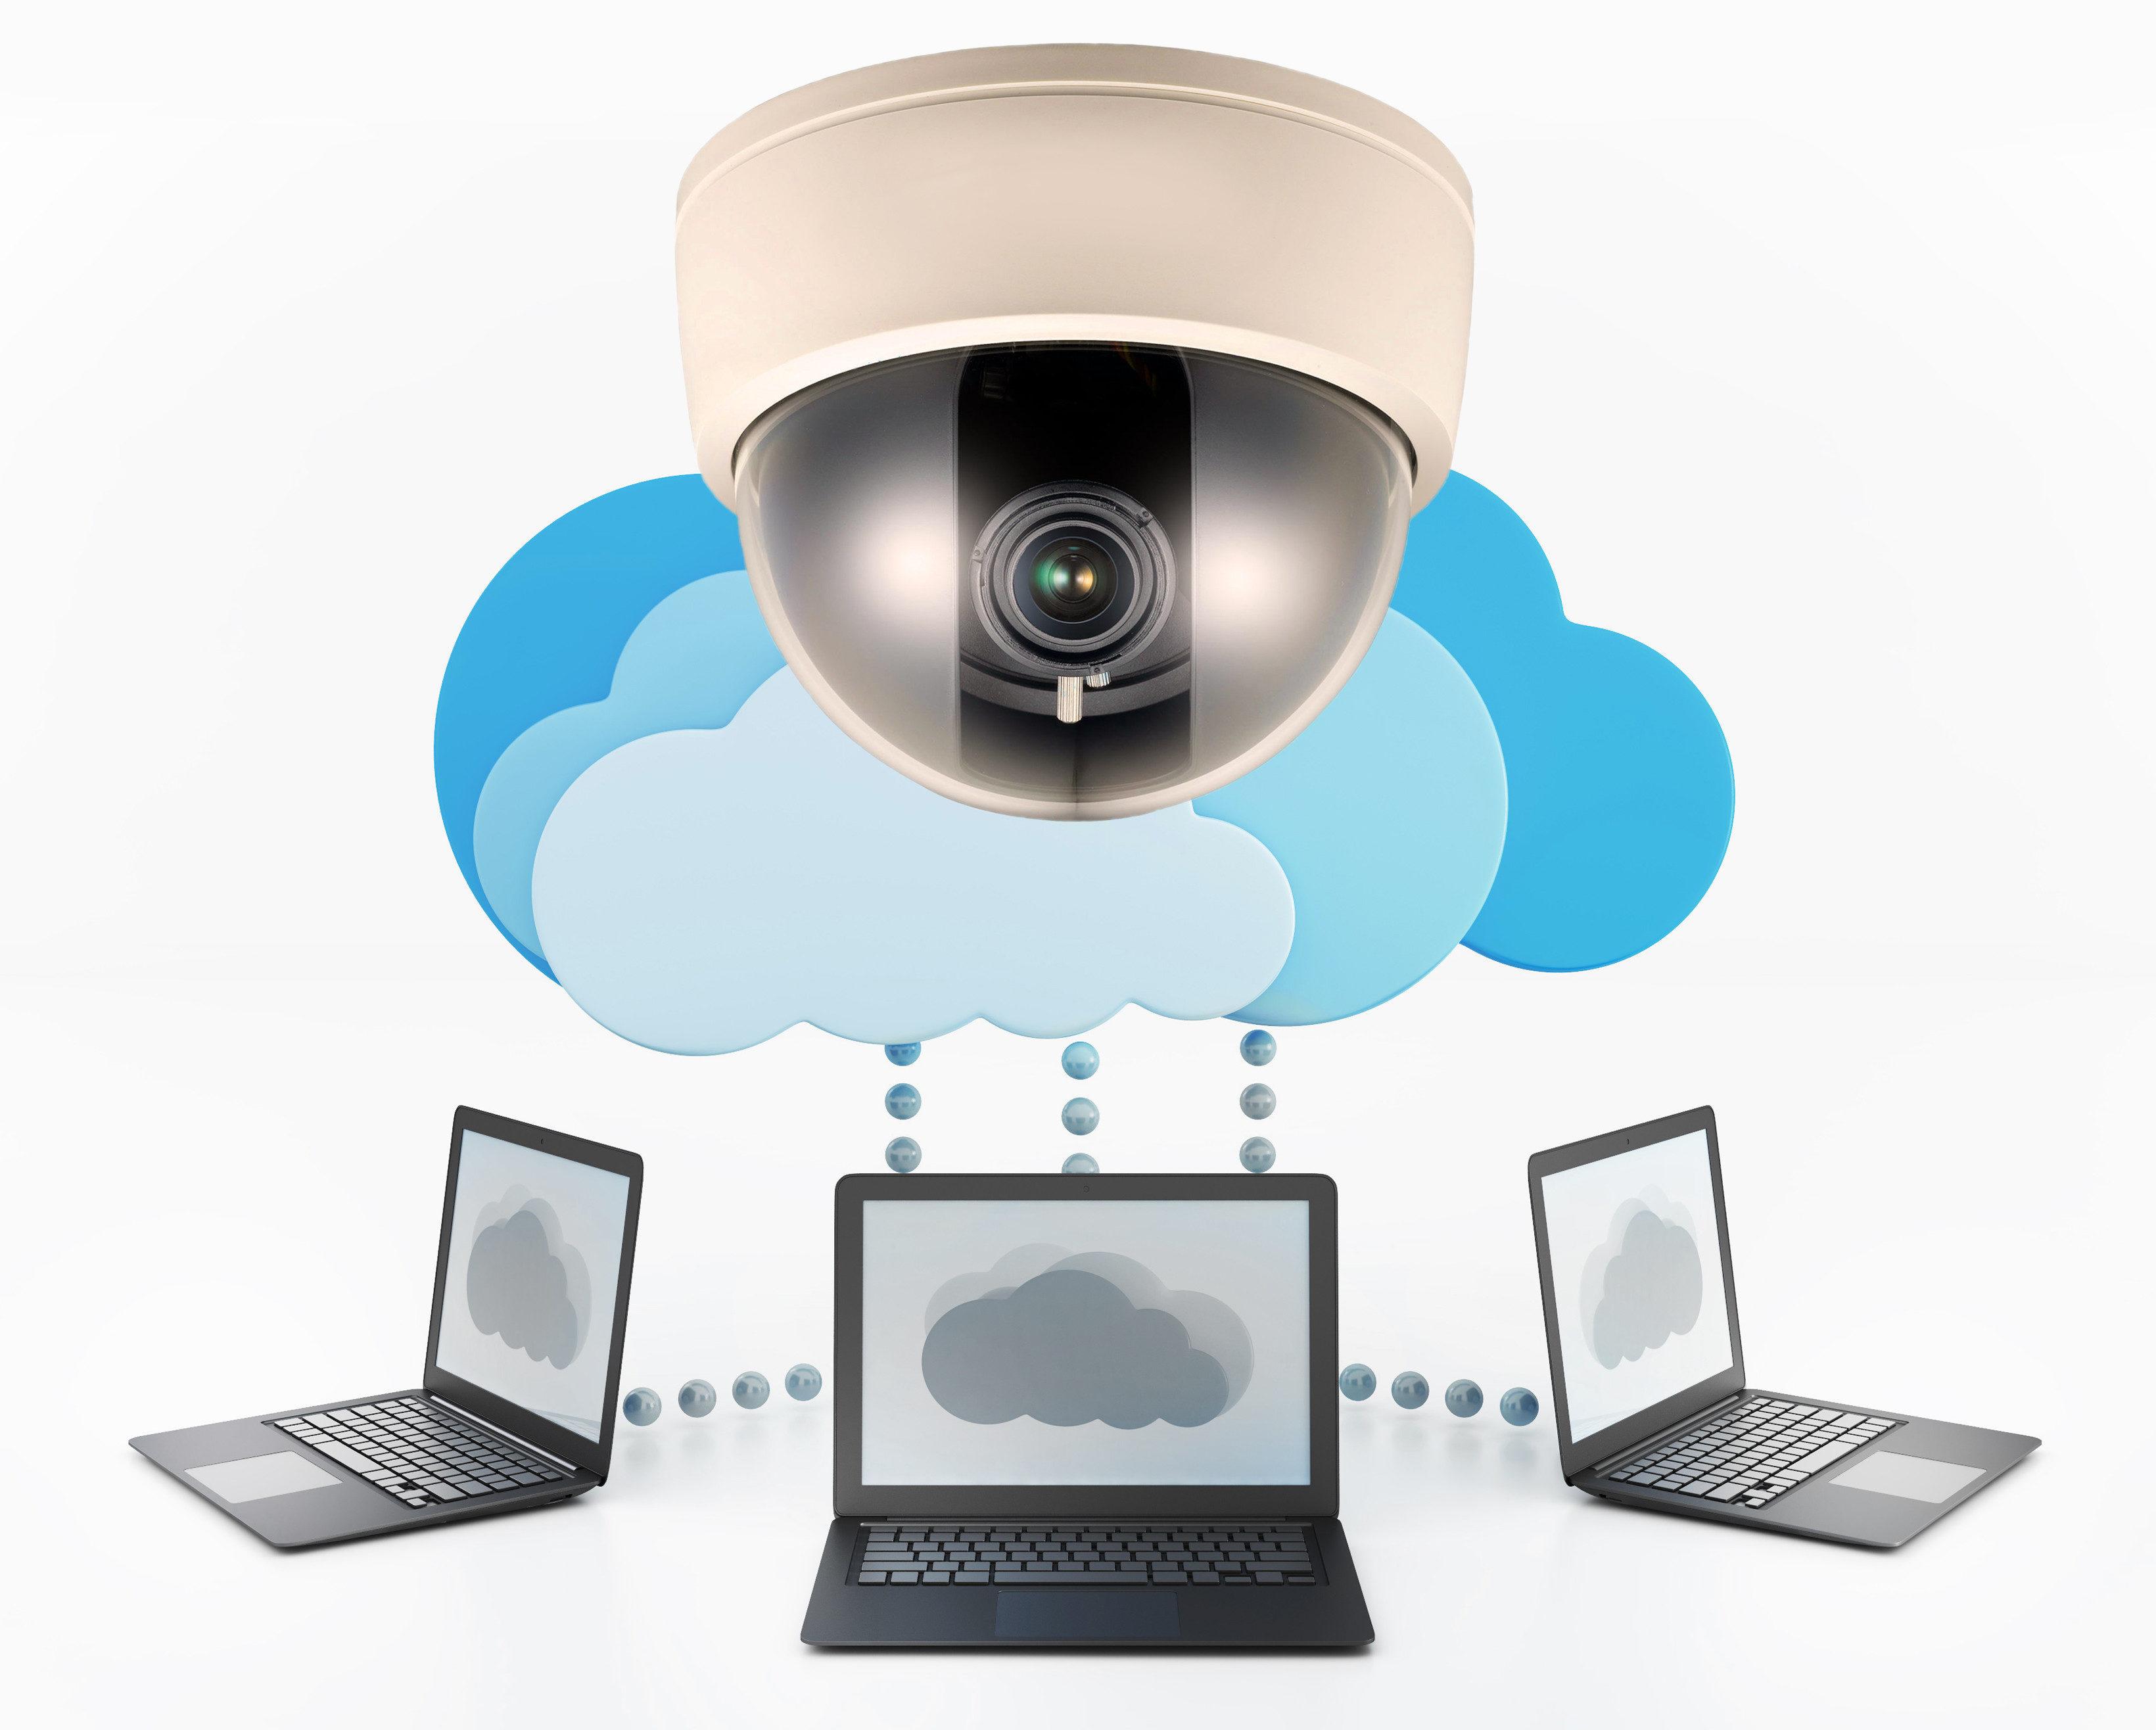 Surveiliance Image3